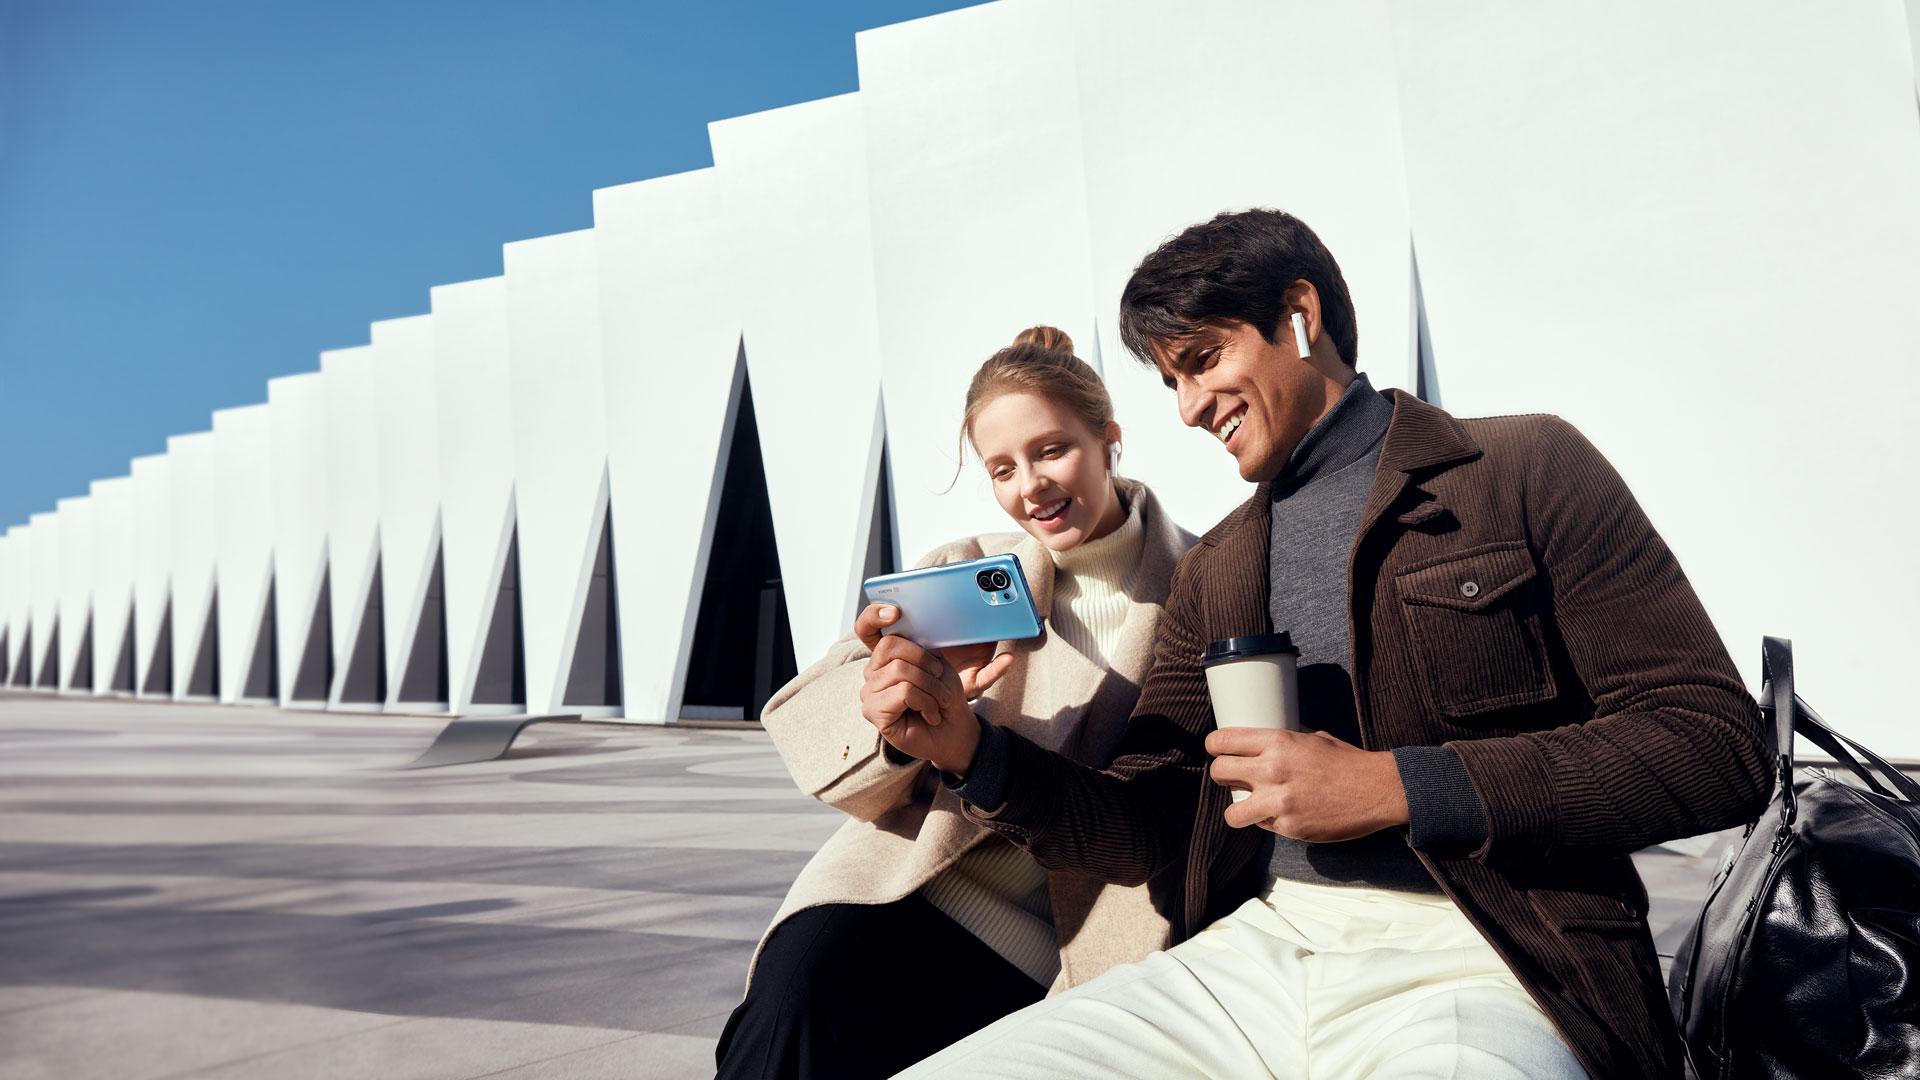 Ein Mann zeigt einer Frau eine Inhalt auf seinem Xiaomi Mi 11 | 5G, er trägt Kopfhörer und hält einen Kaffeebecher.